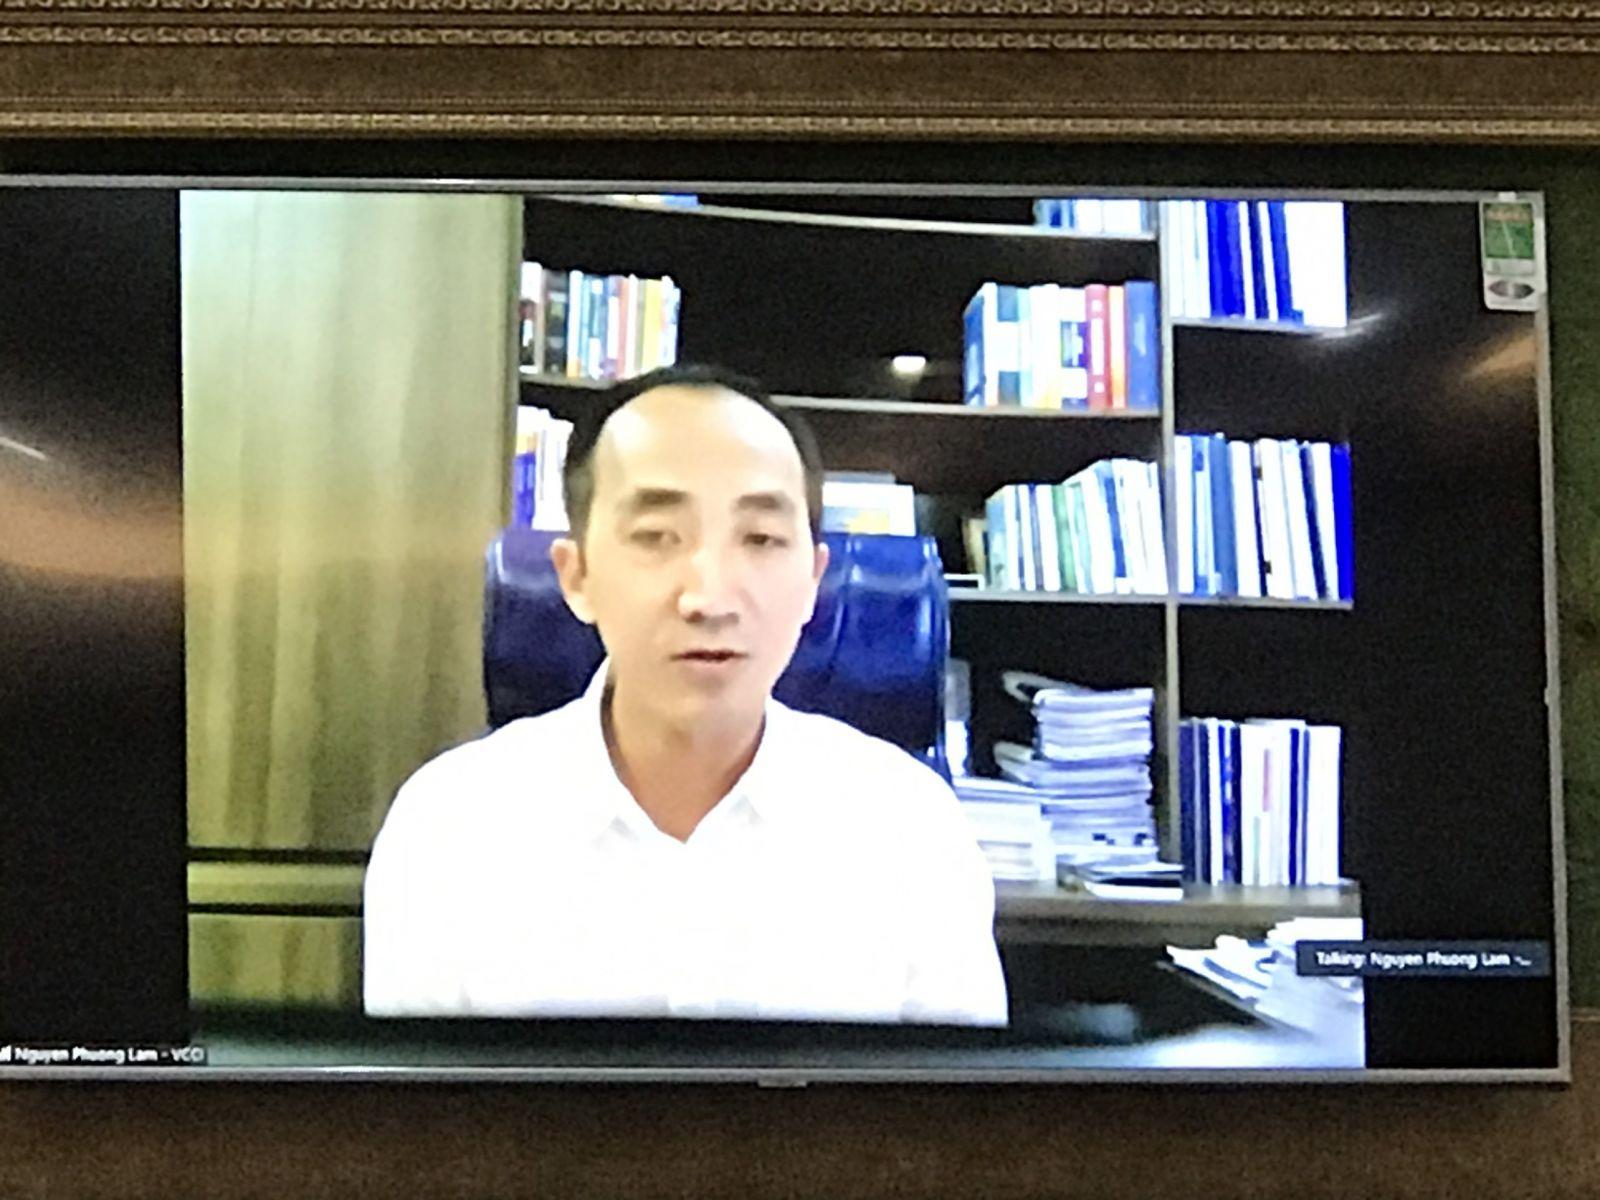 Ông Nguyễn Phương Lam - Giám đốc VCCI Cần Thơ, chia sẻ trực tuyến tại điểm cầu Cần Thơ